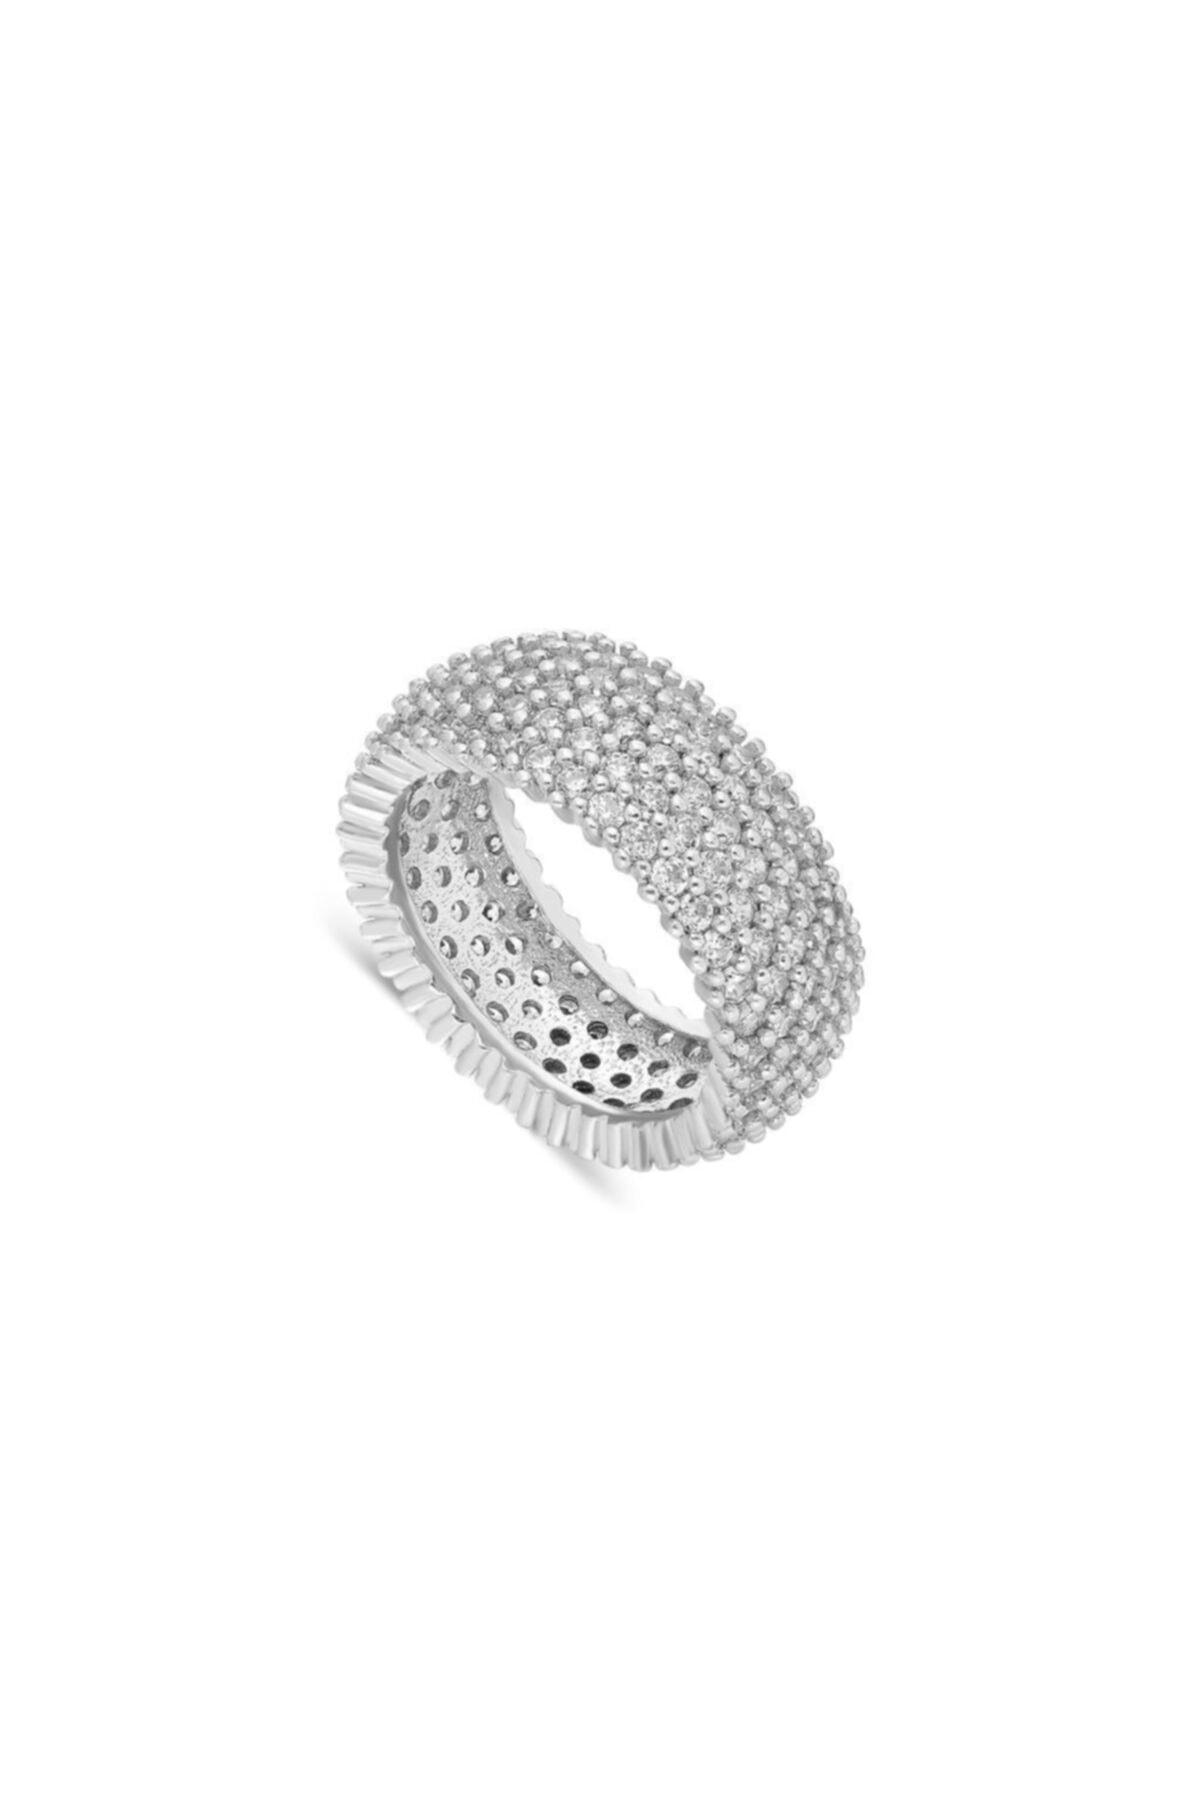 سفارش پستی حلقه زنانه برند Aykat رنگ نقره کد ty37587264